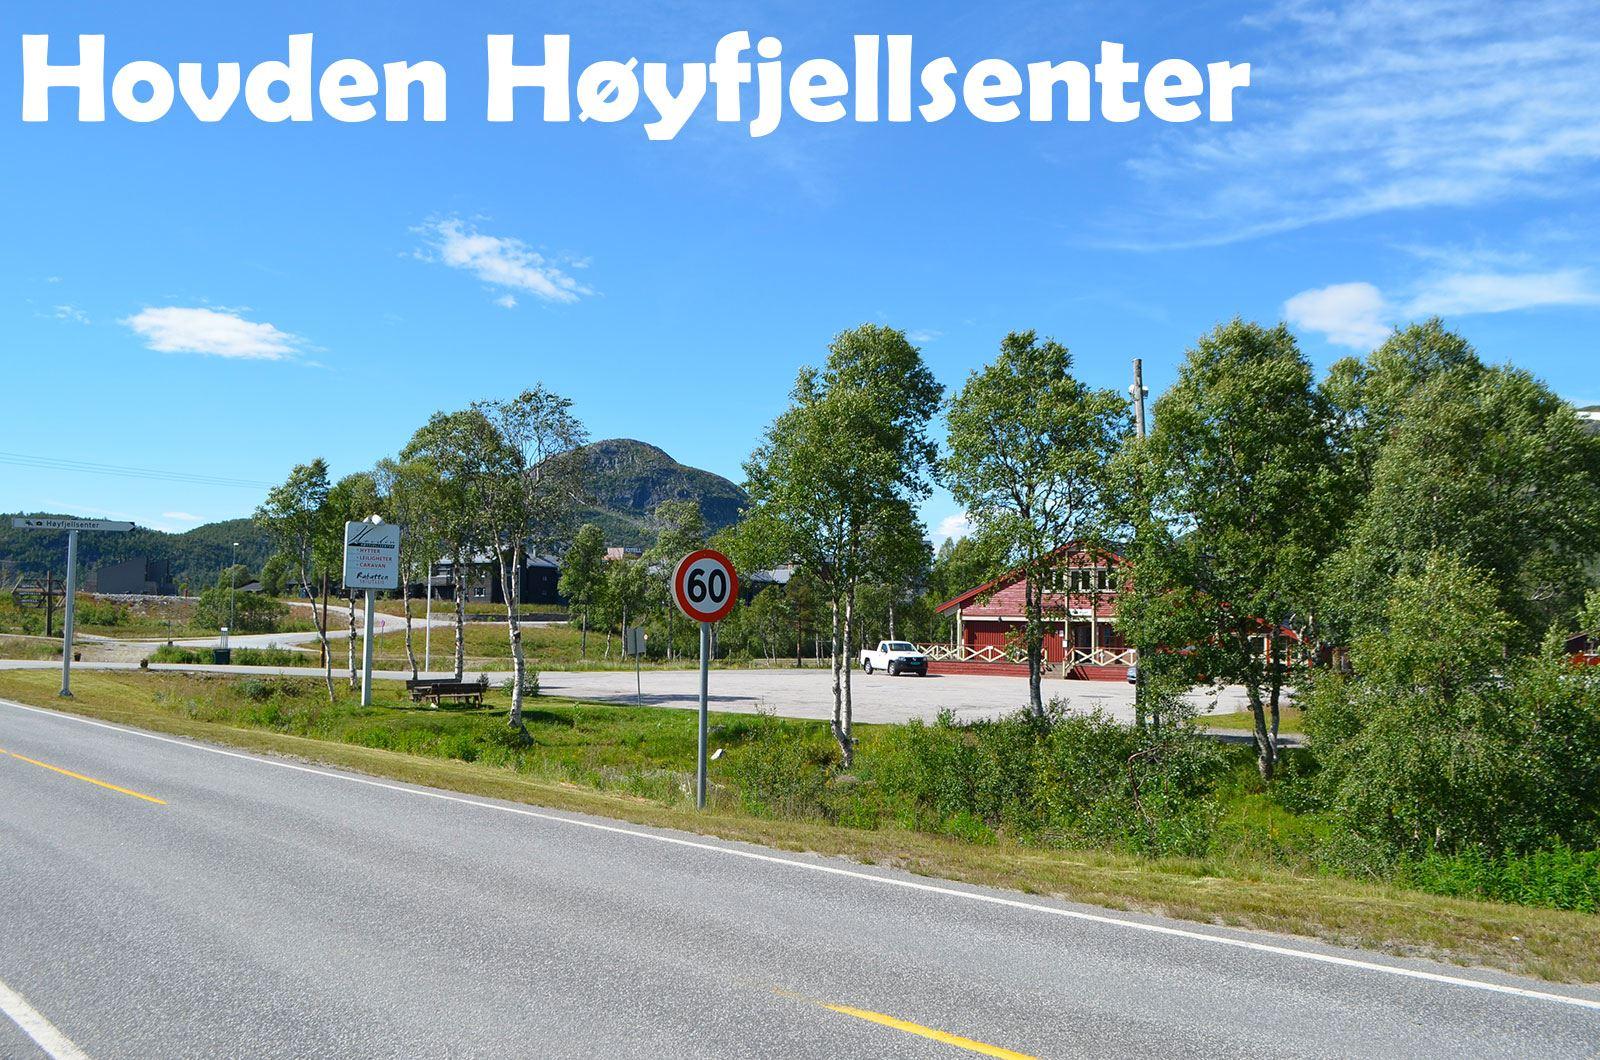 Hovden Høyfjellsenter